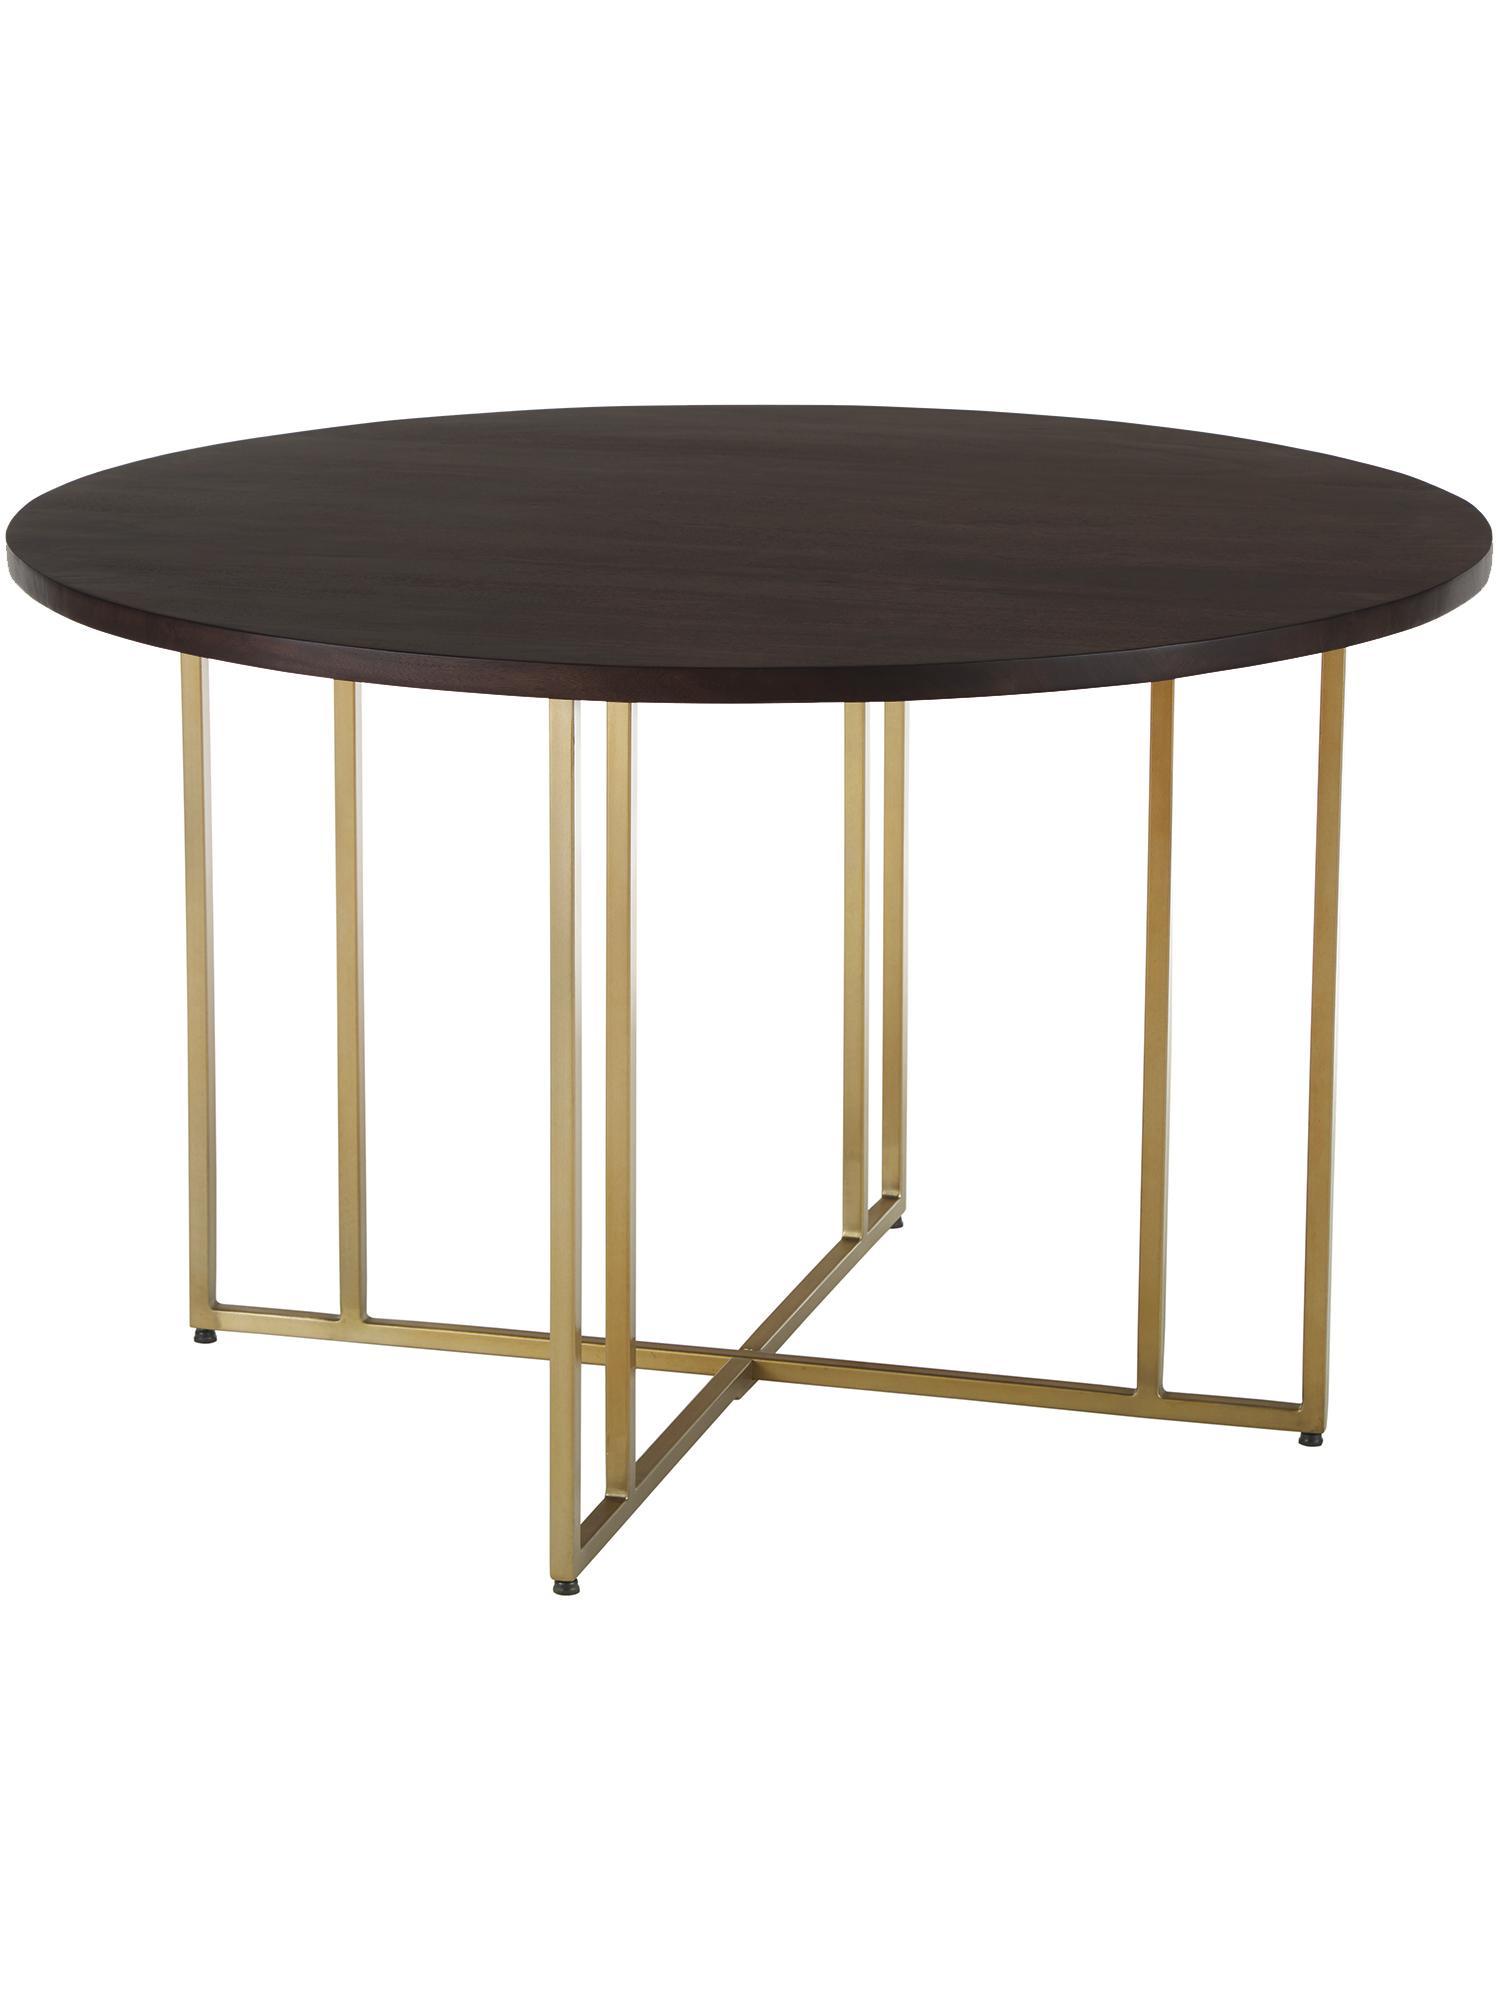 Okrągły stół do jadalni z litego drewna Luca, Blat: lite drewno mangowe, laki, Stelaż: metal powlekany, Blat: drewno mangowe, ciemny, lakierowany Stelaż: odcienie złotego, Ø 120 x W 75 cm